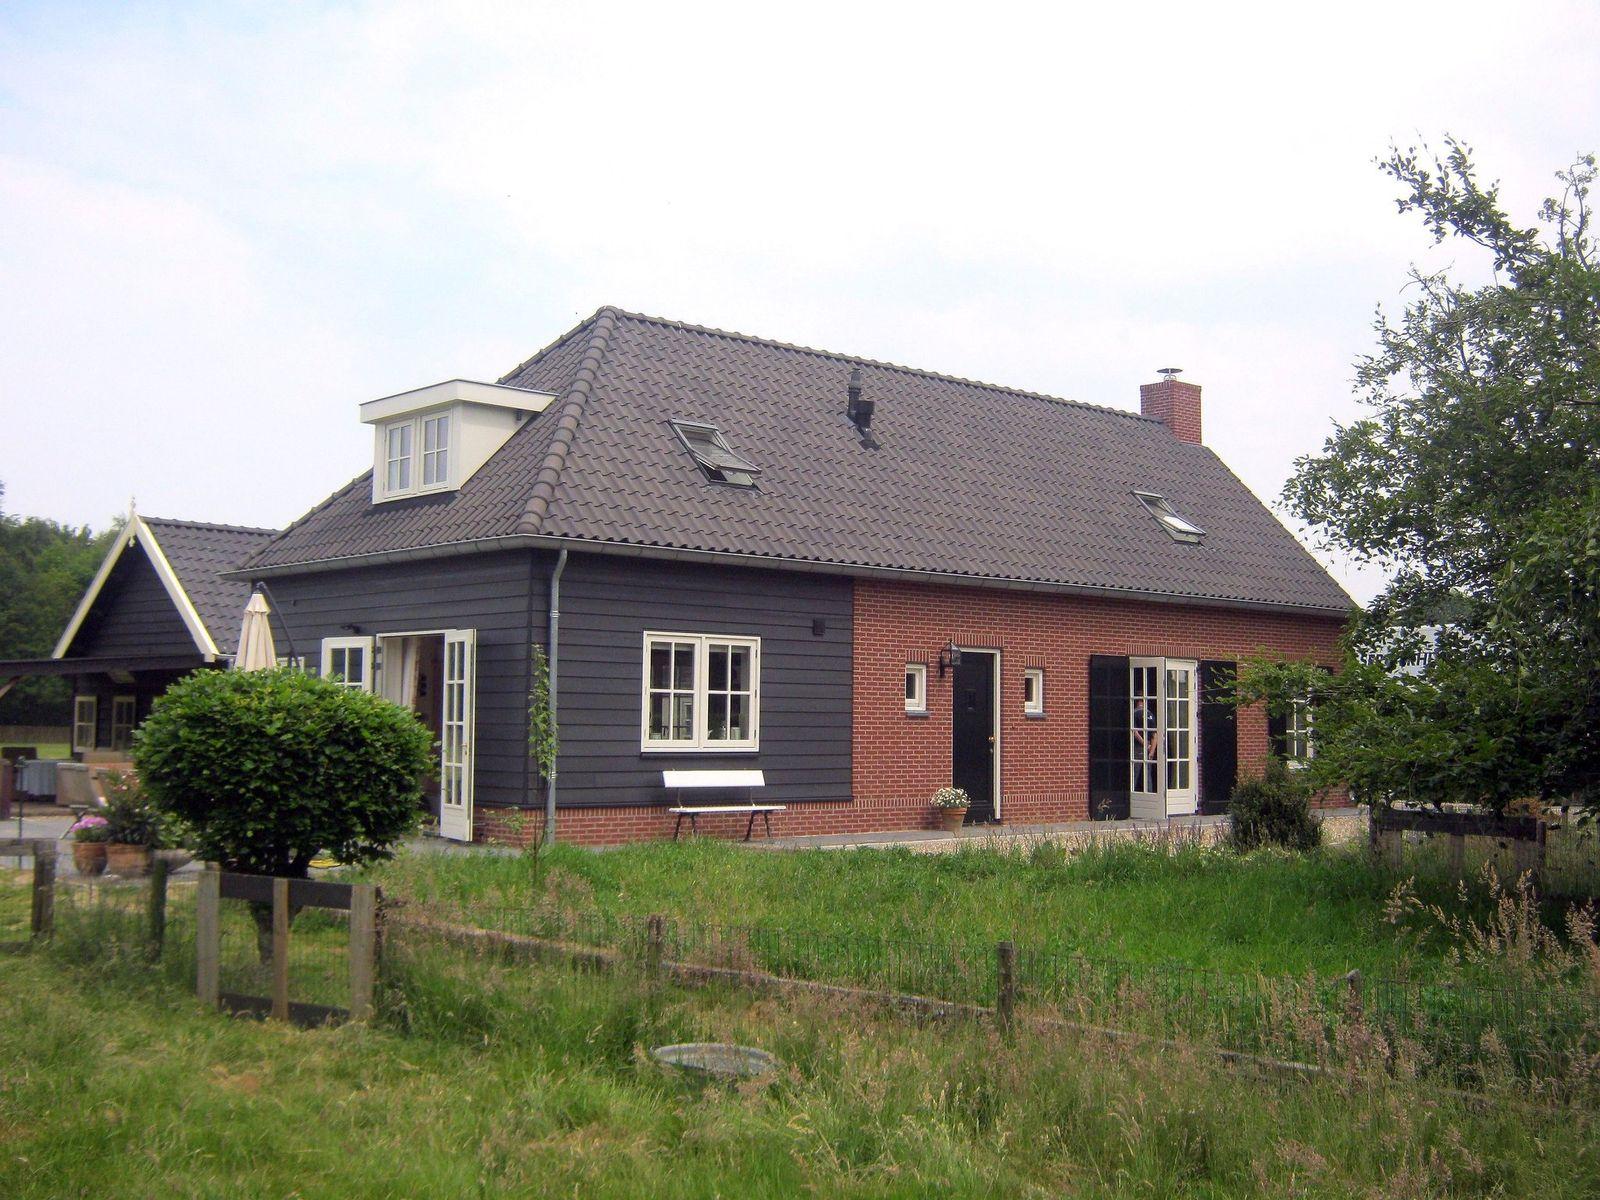 Valkhofscheweg 10-., Velp